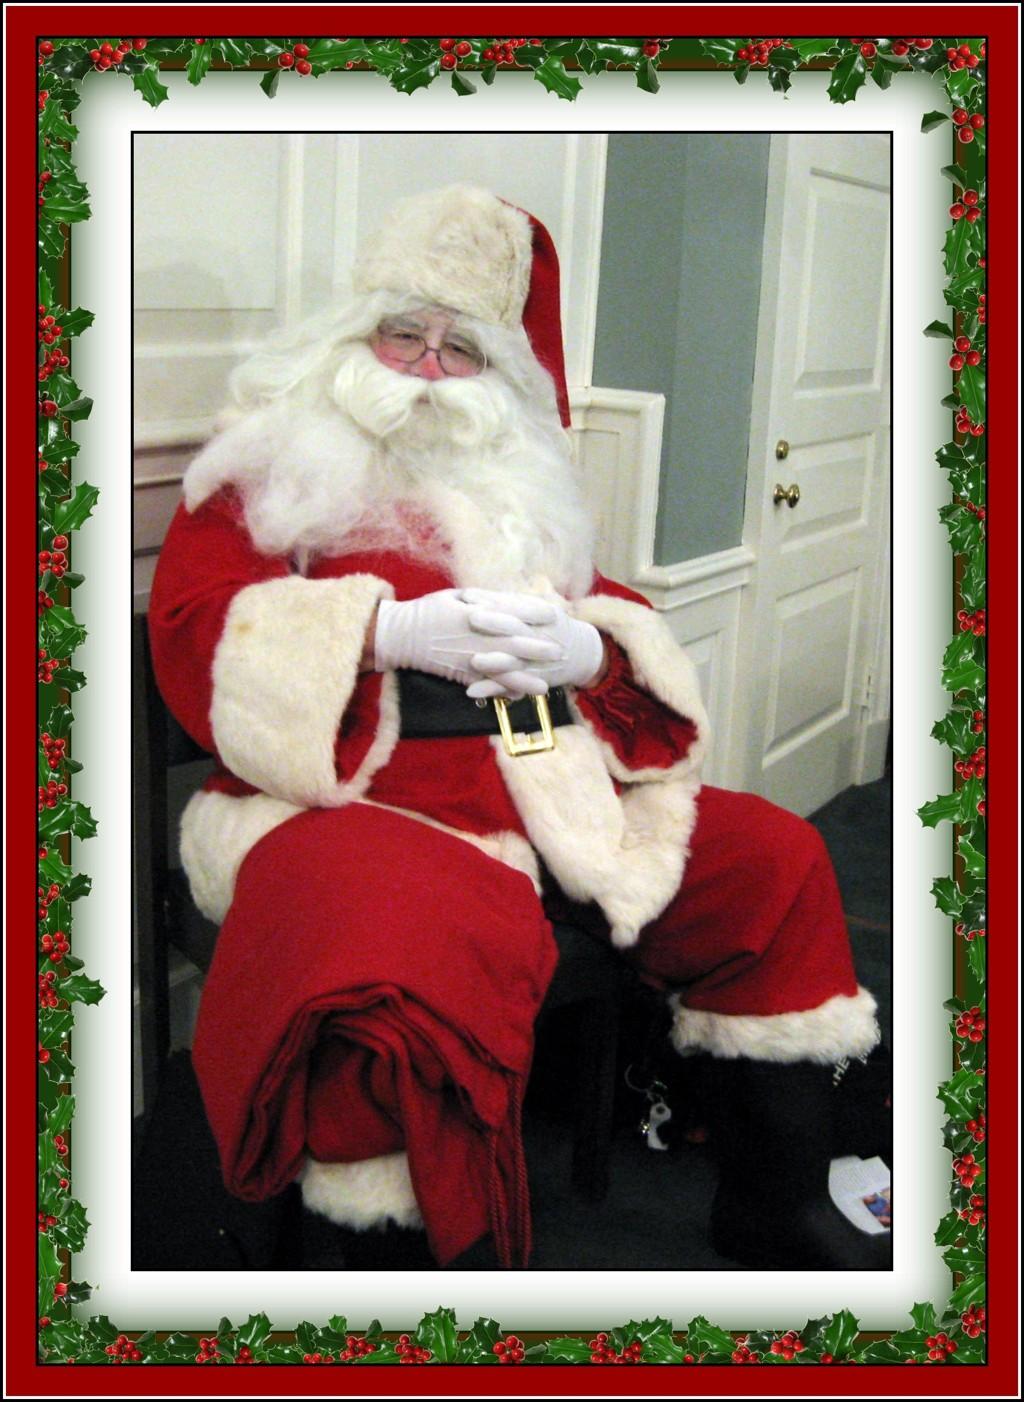 seit wann gibt es den weihnachtsmann frohes fest. Black Bedroom Furniture Sets. Home Design Ideas